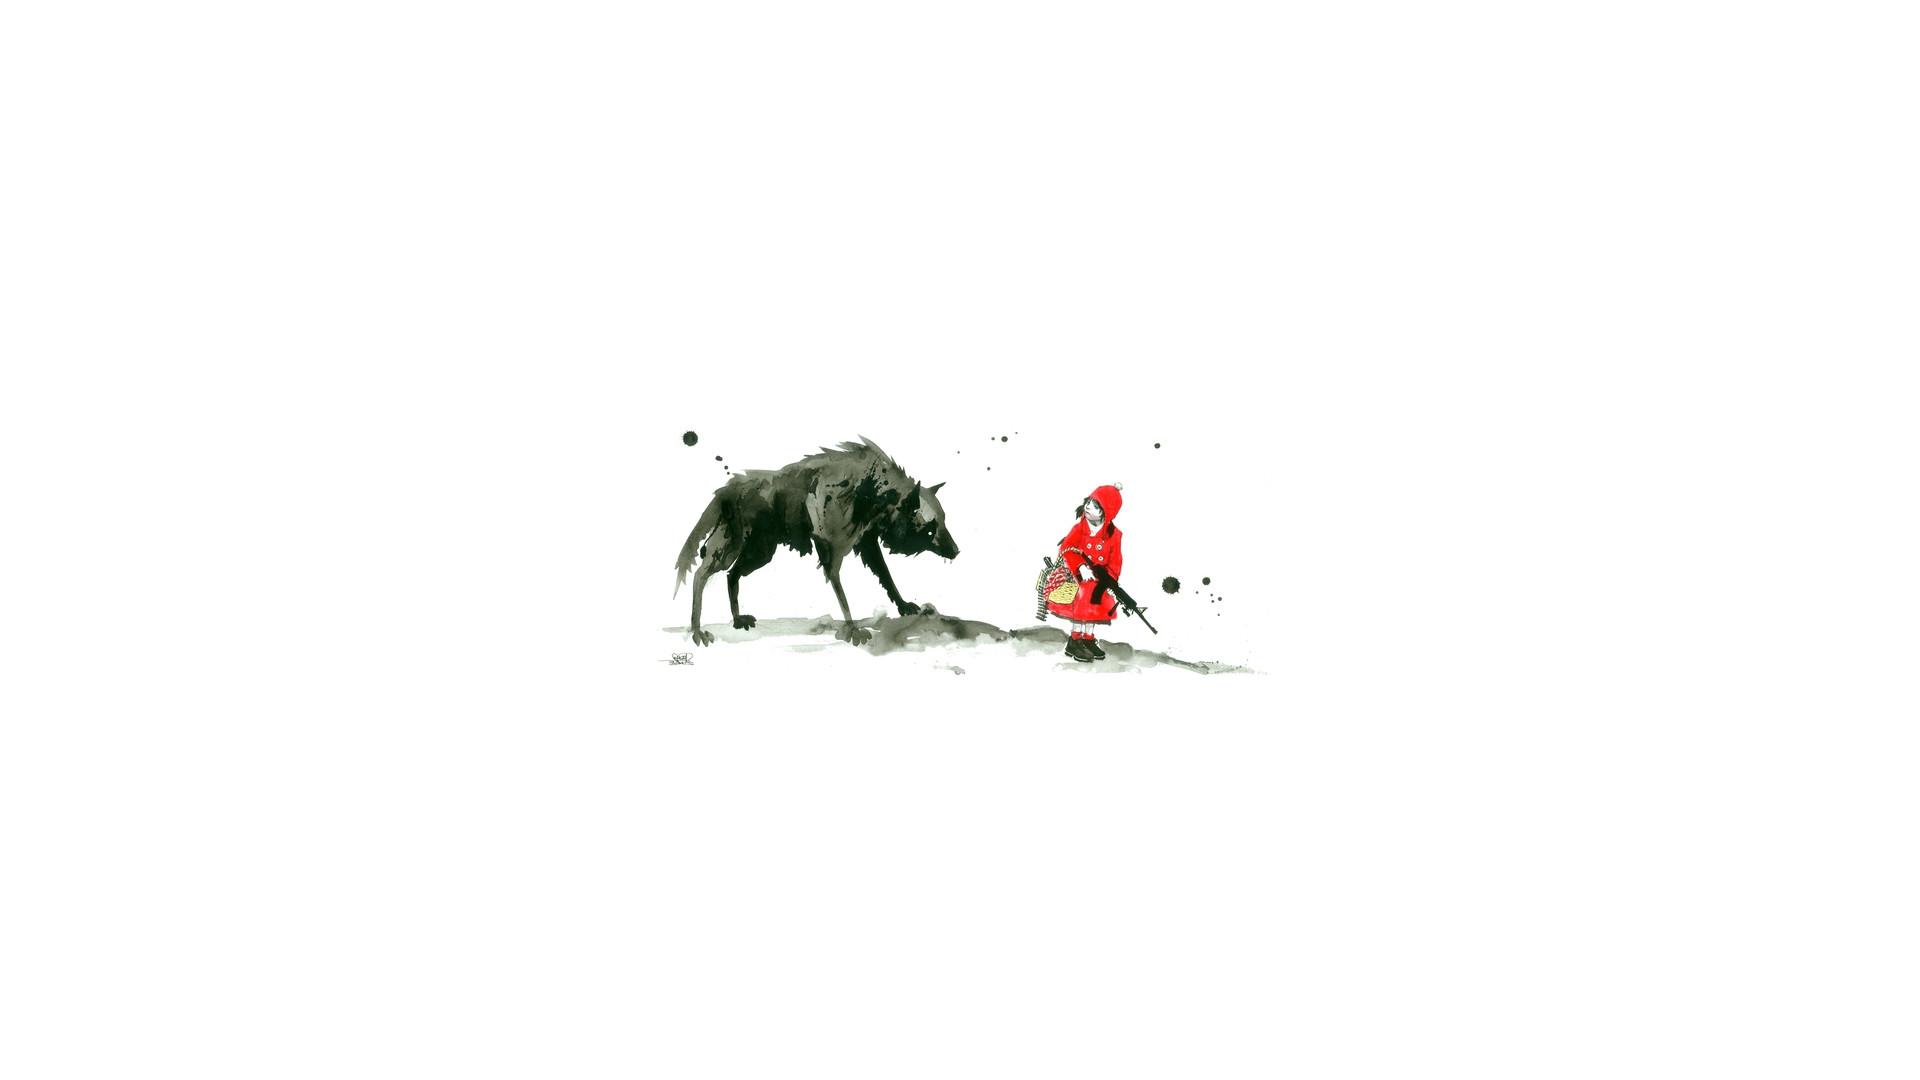 Little Red Riding Hood Wallpaper #